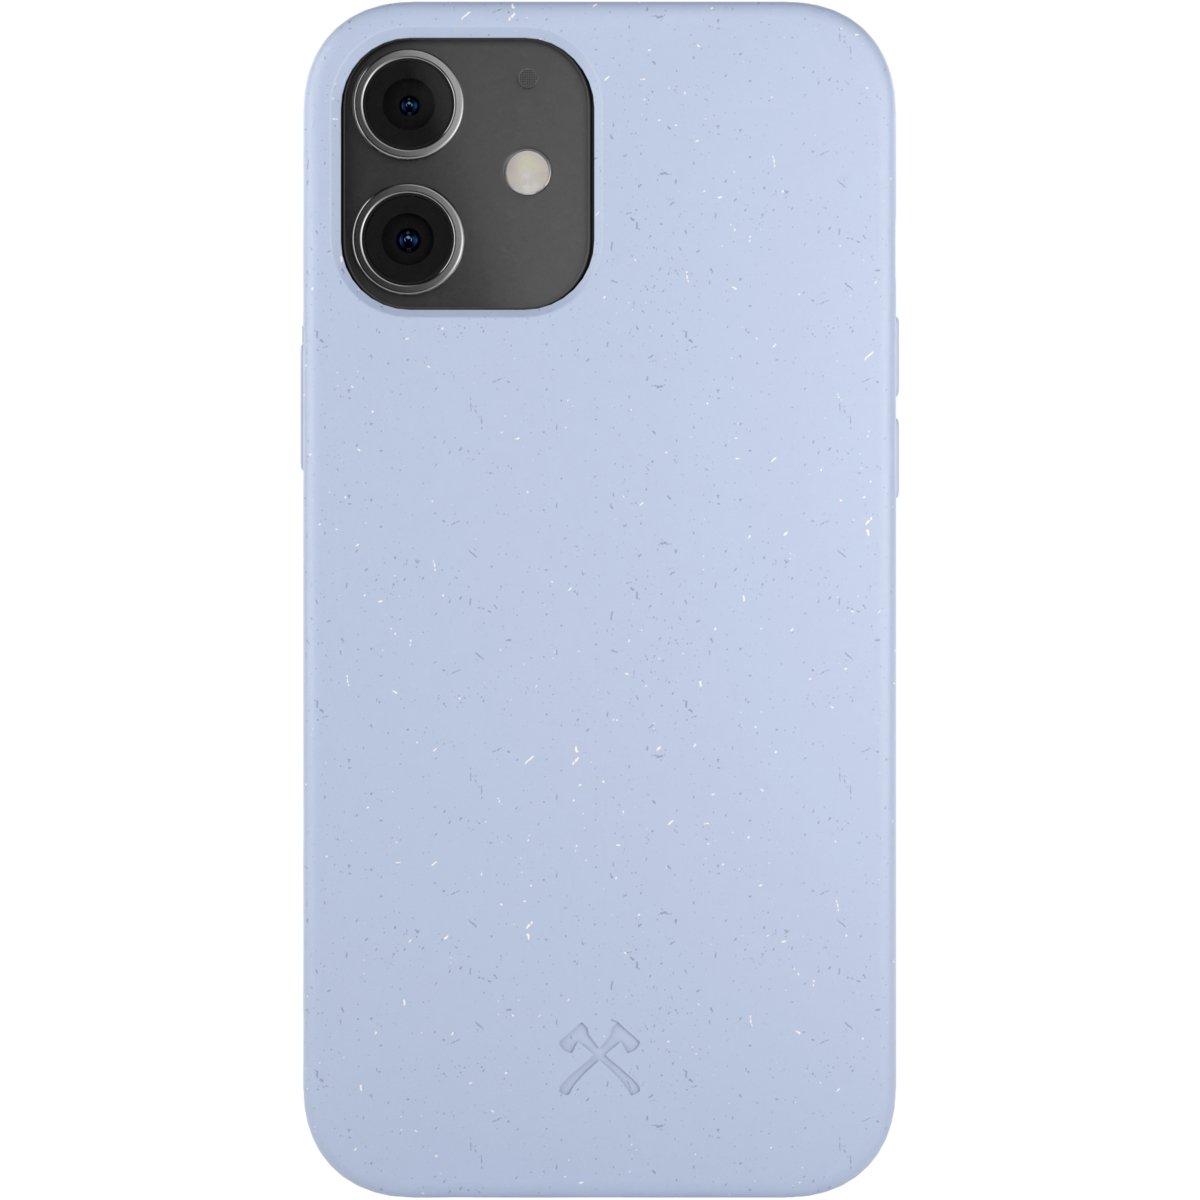 Woodcessories Bio Case AM iPhone 12 Mini - blue